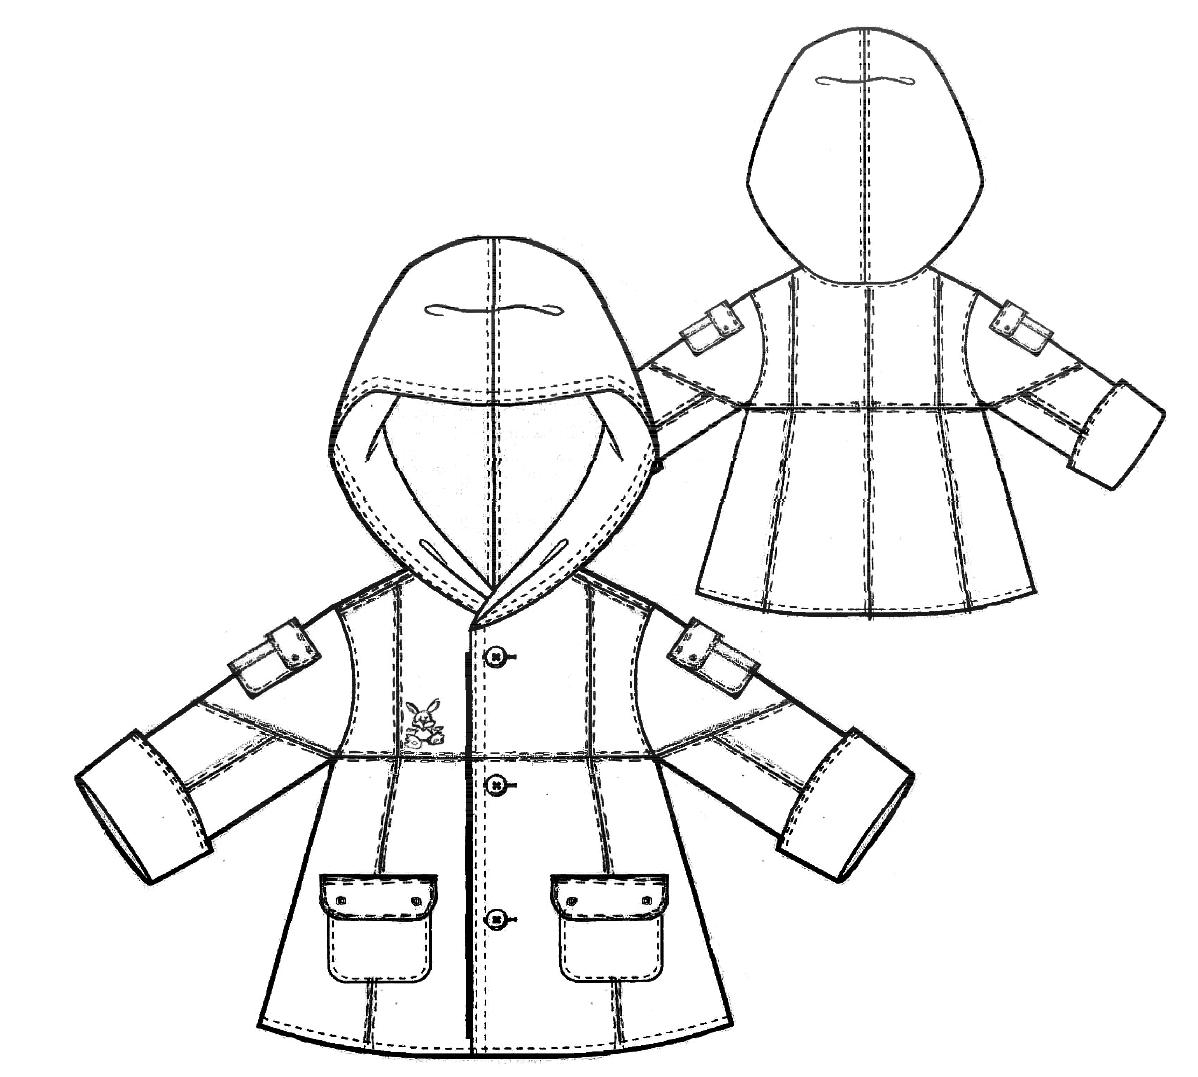 Zeigt die technische Zeichung einer Kinderjacke. Diese Zeichnung dient als Vorlage für die Schnittkonstruktion.